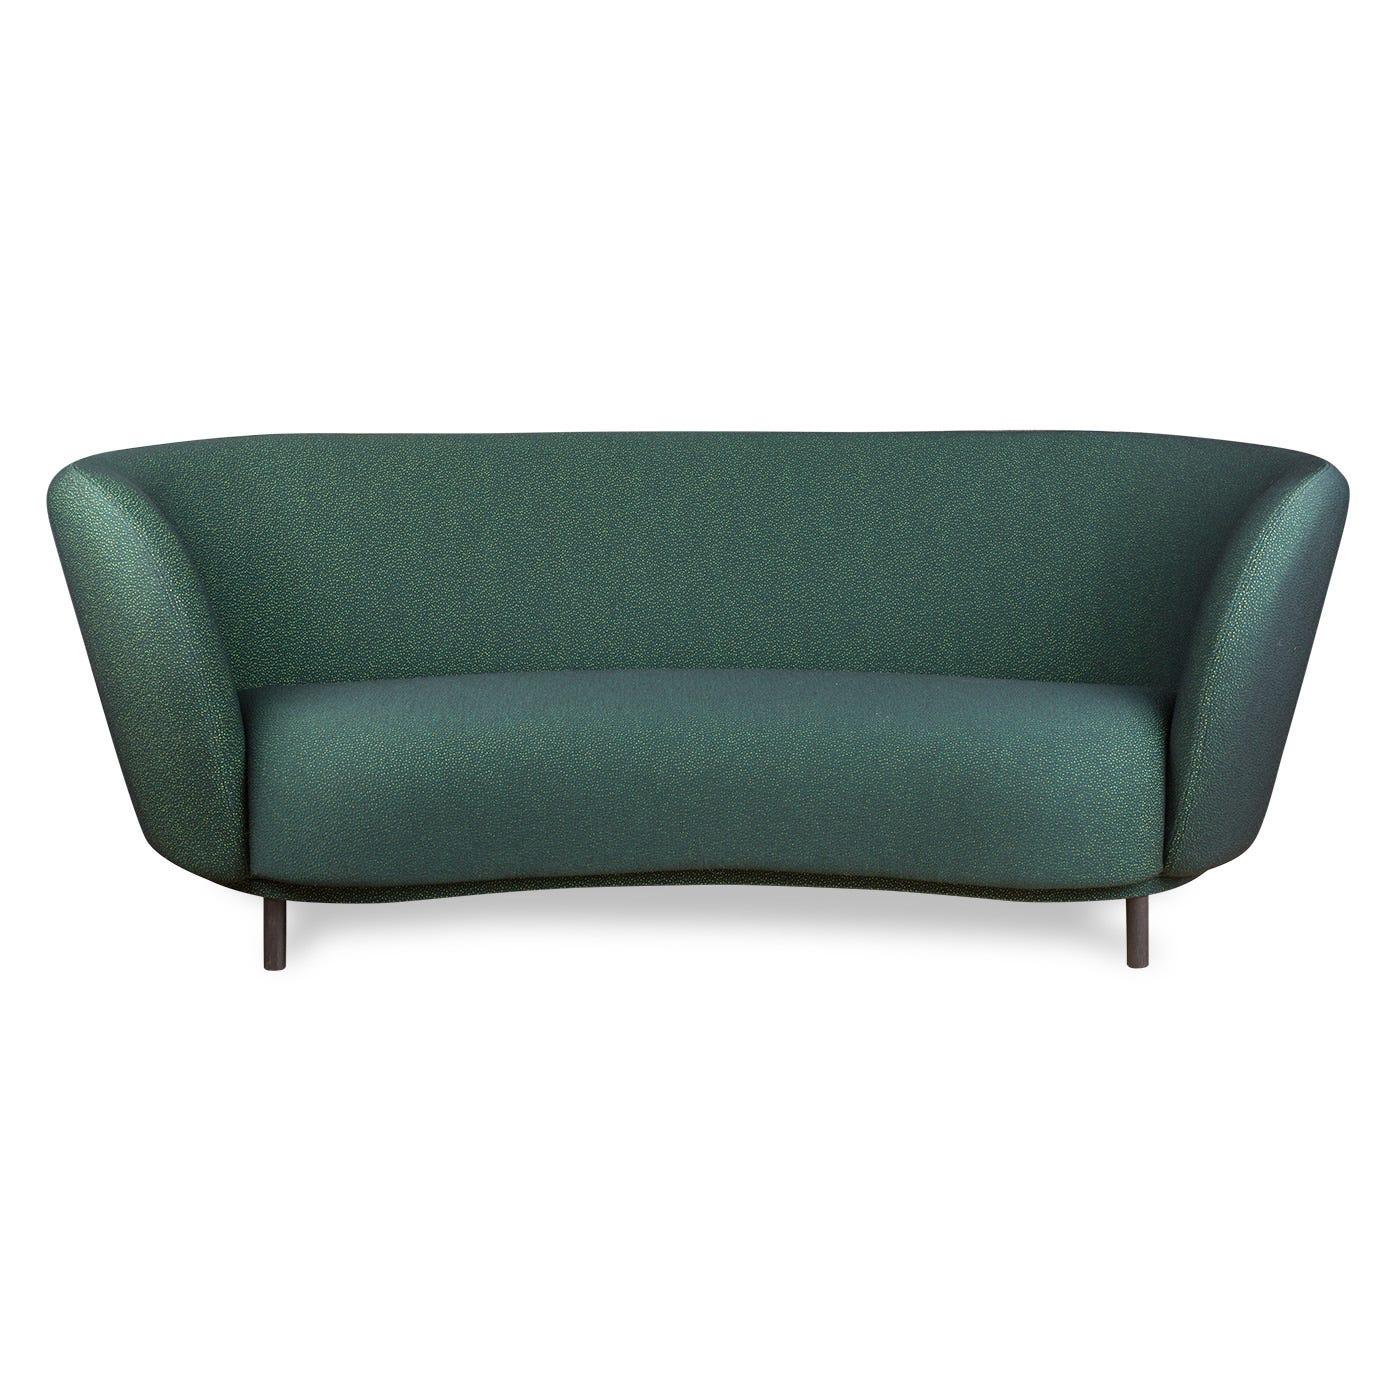 Dandy 2 Seat Sofa Sprinkles Starling Black Feet